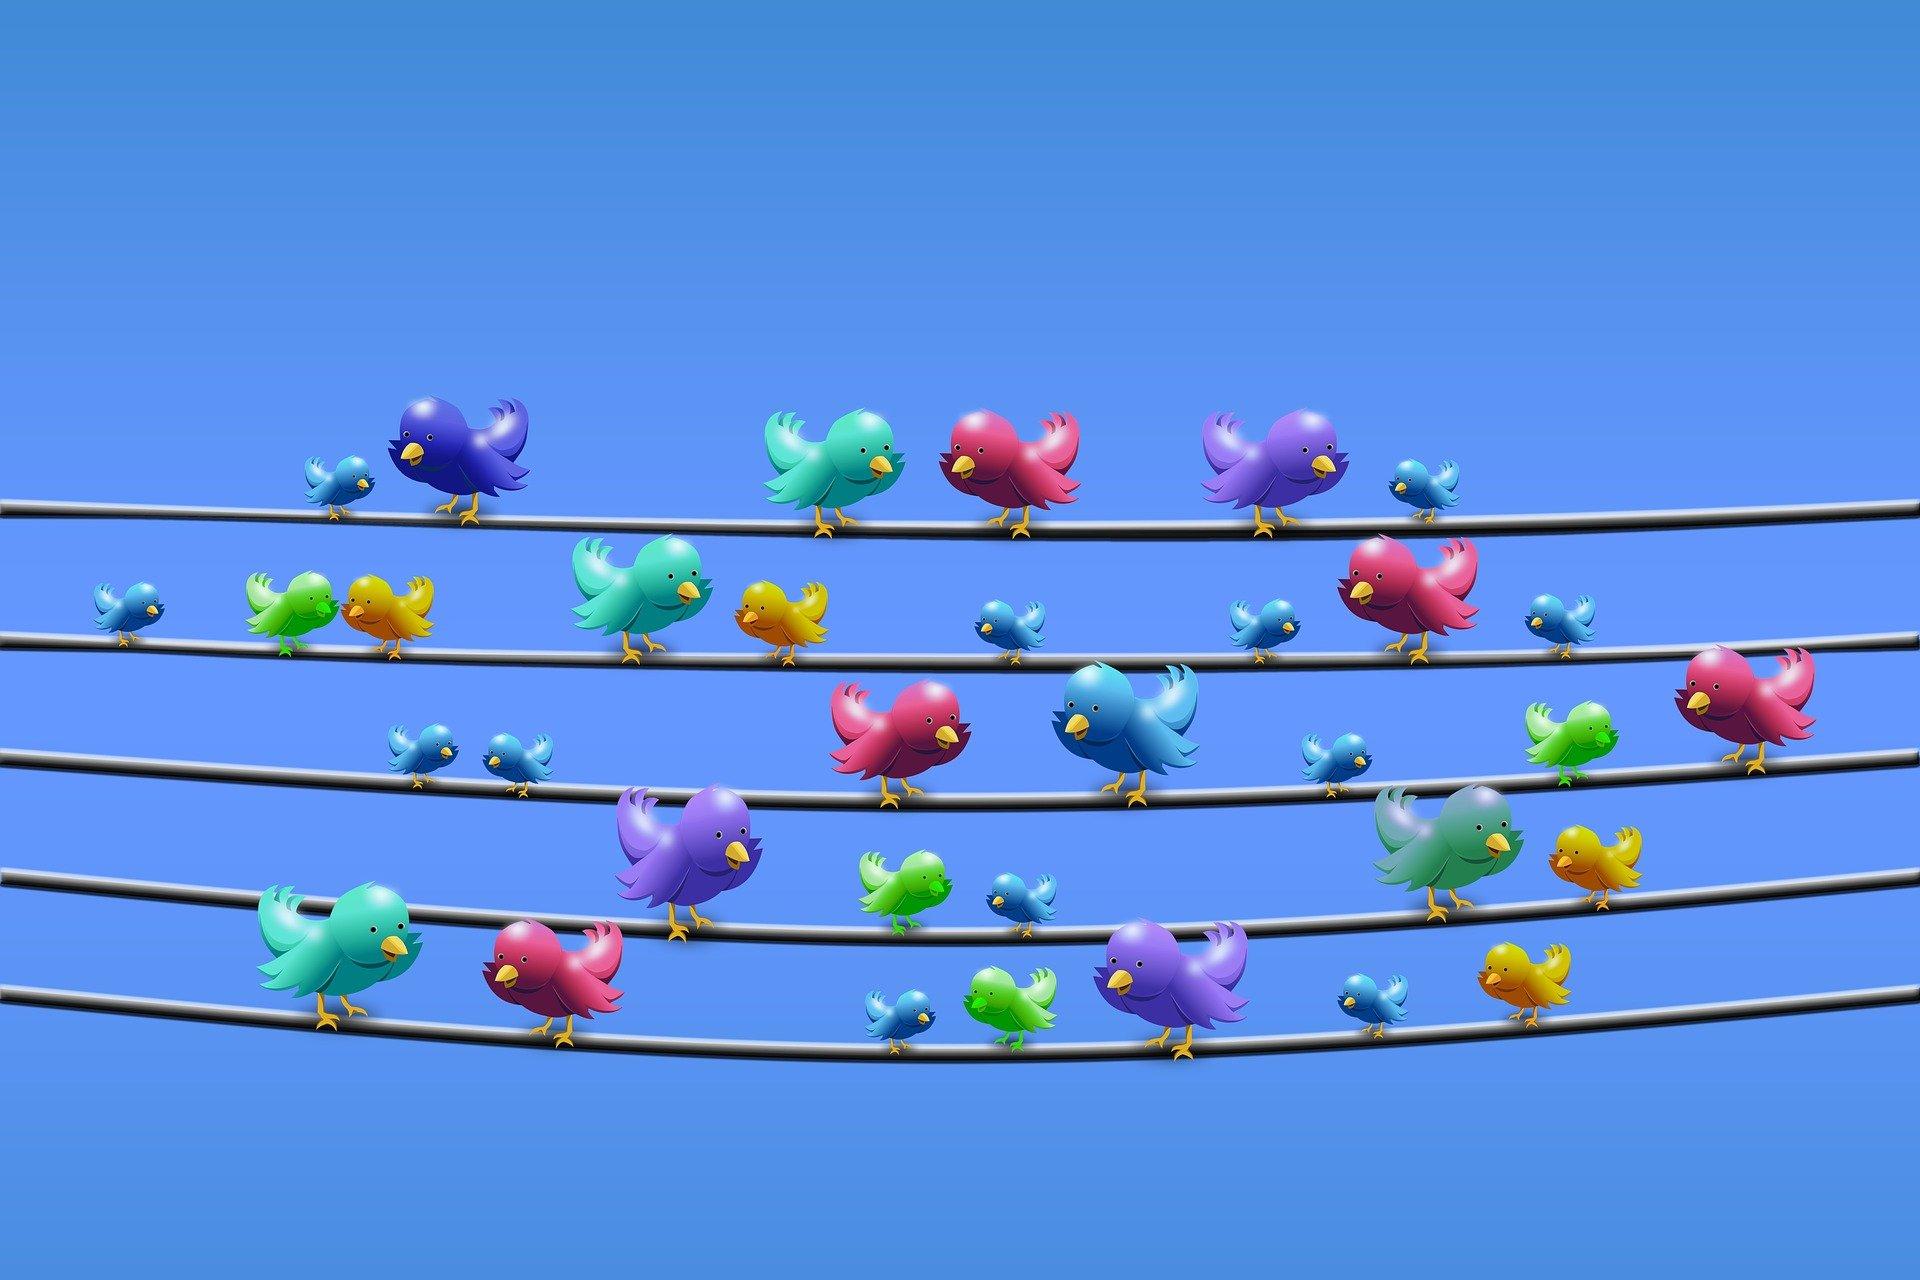 molti uccelli colorati su dei fili appesi chiacchierando tra di loro